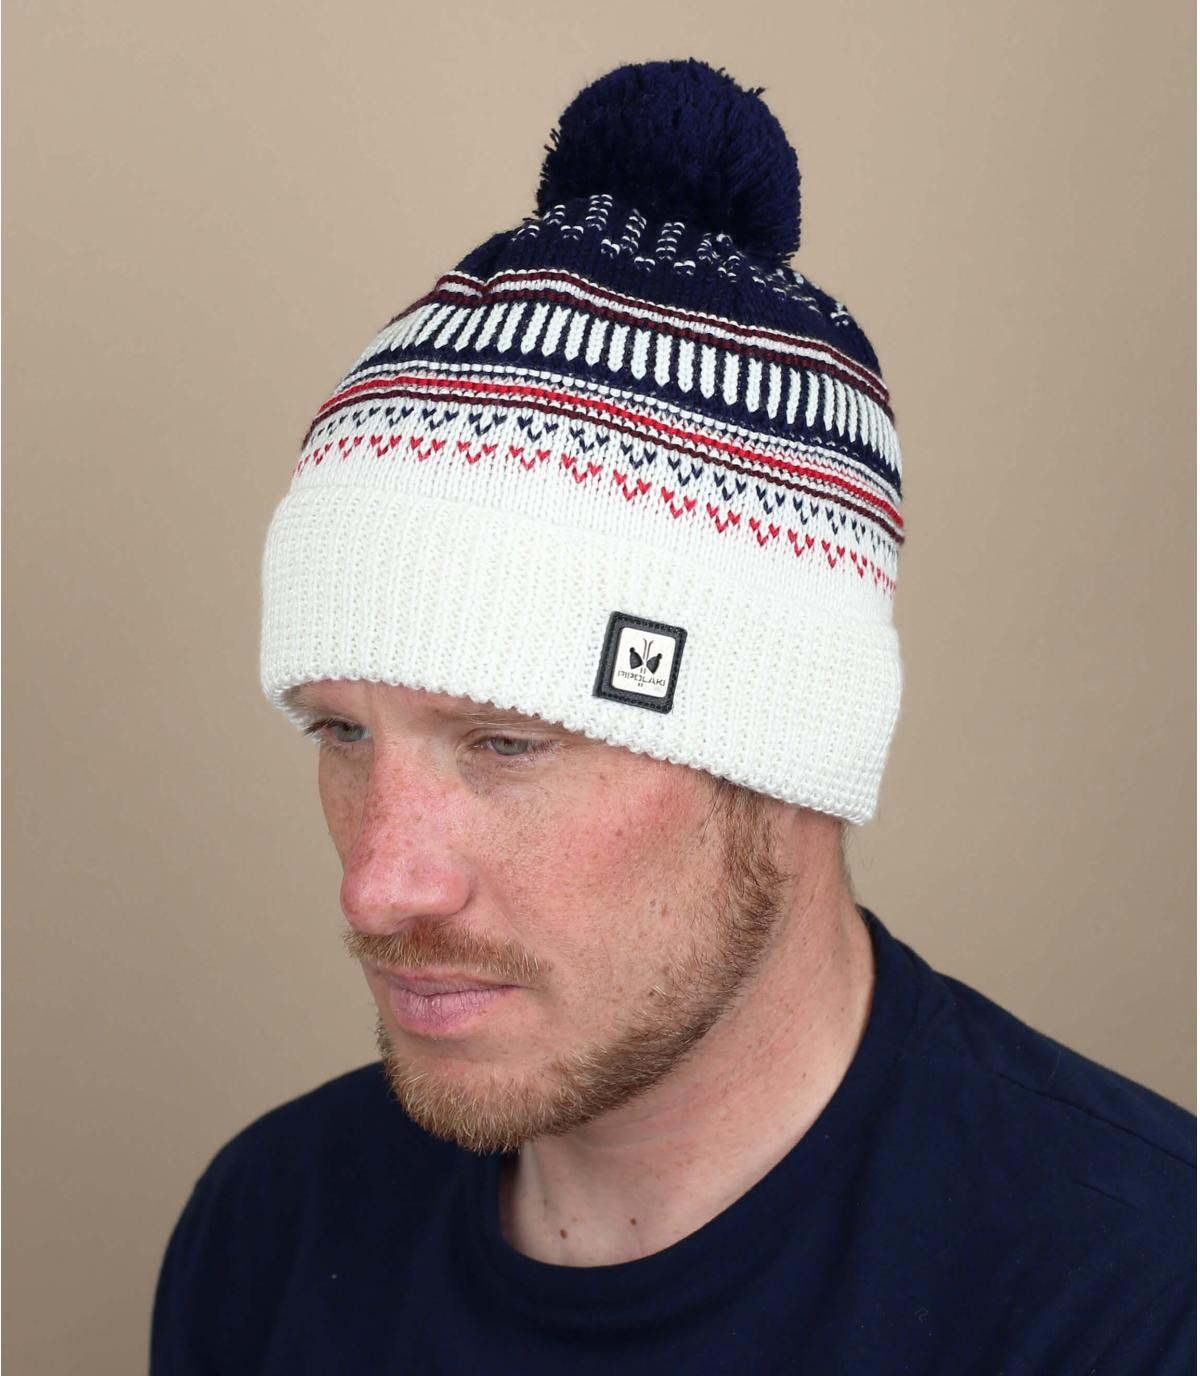 cappello con pompon blu bianco